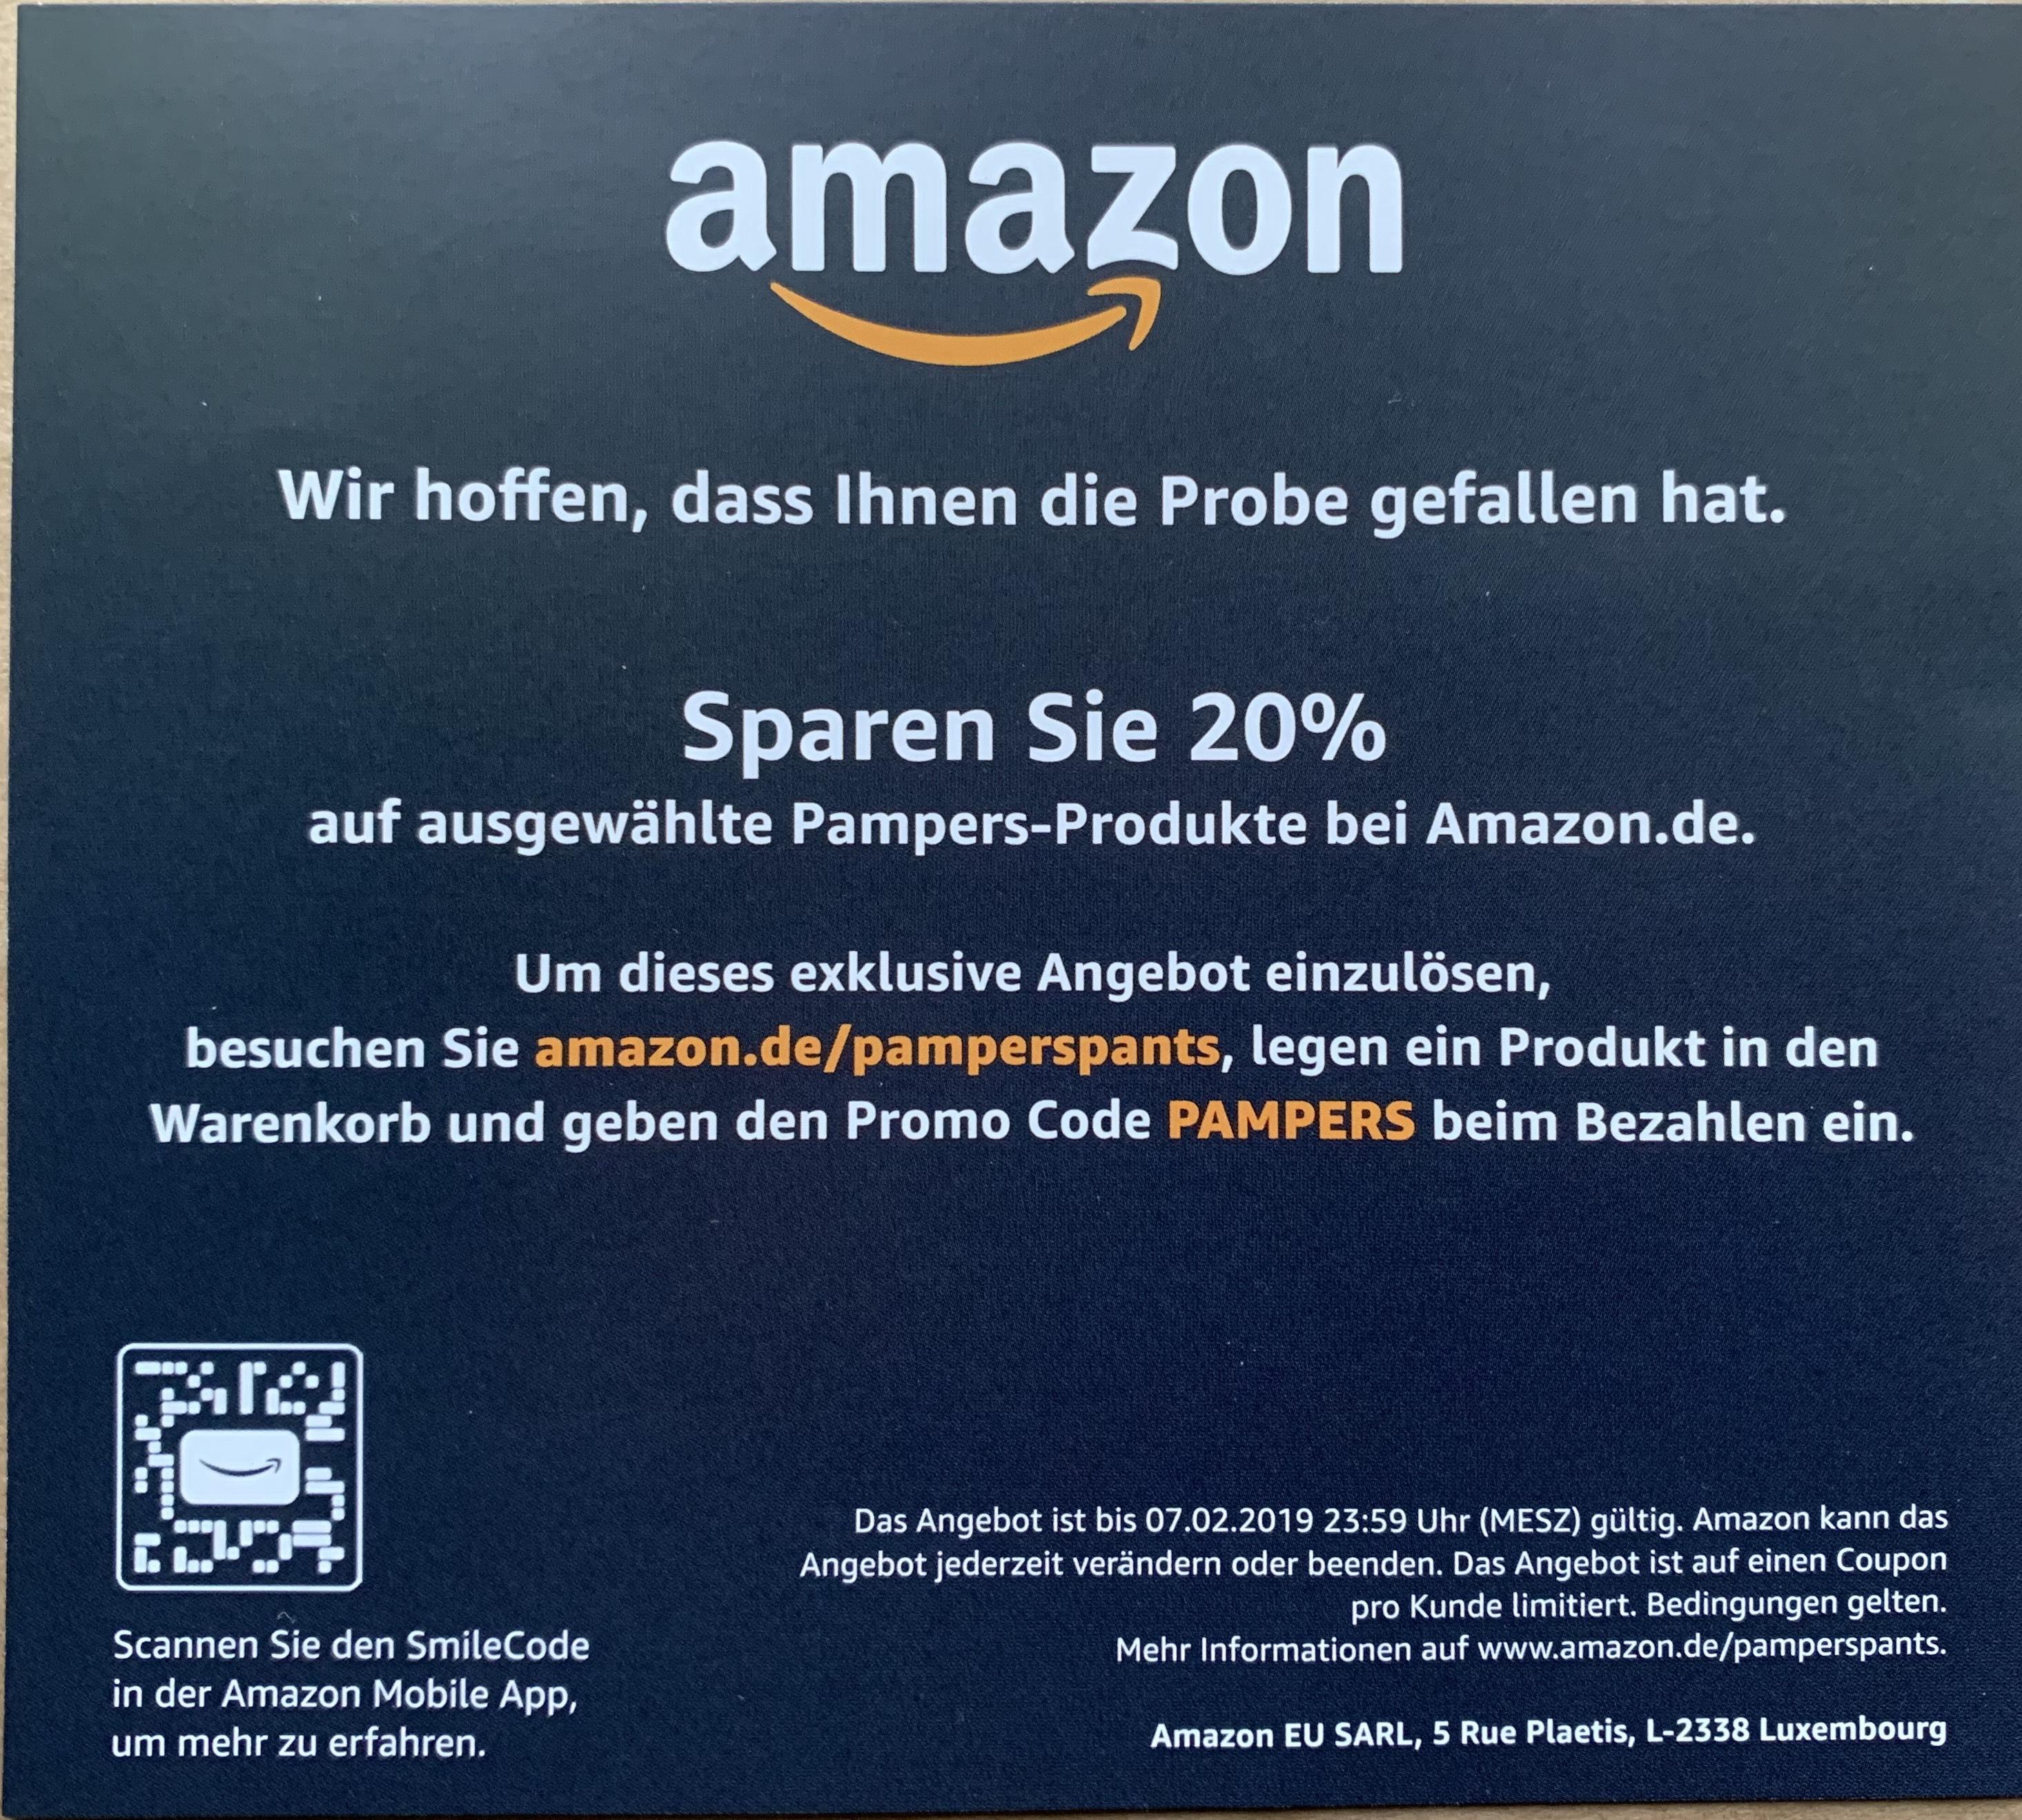 [amazon] 20% auf ausgewählte Pampers Produkte